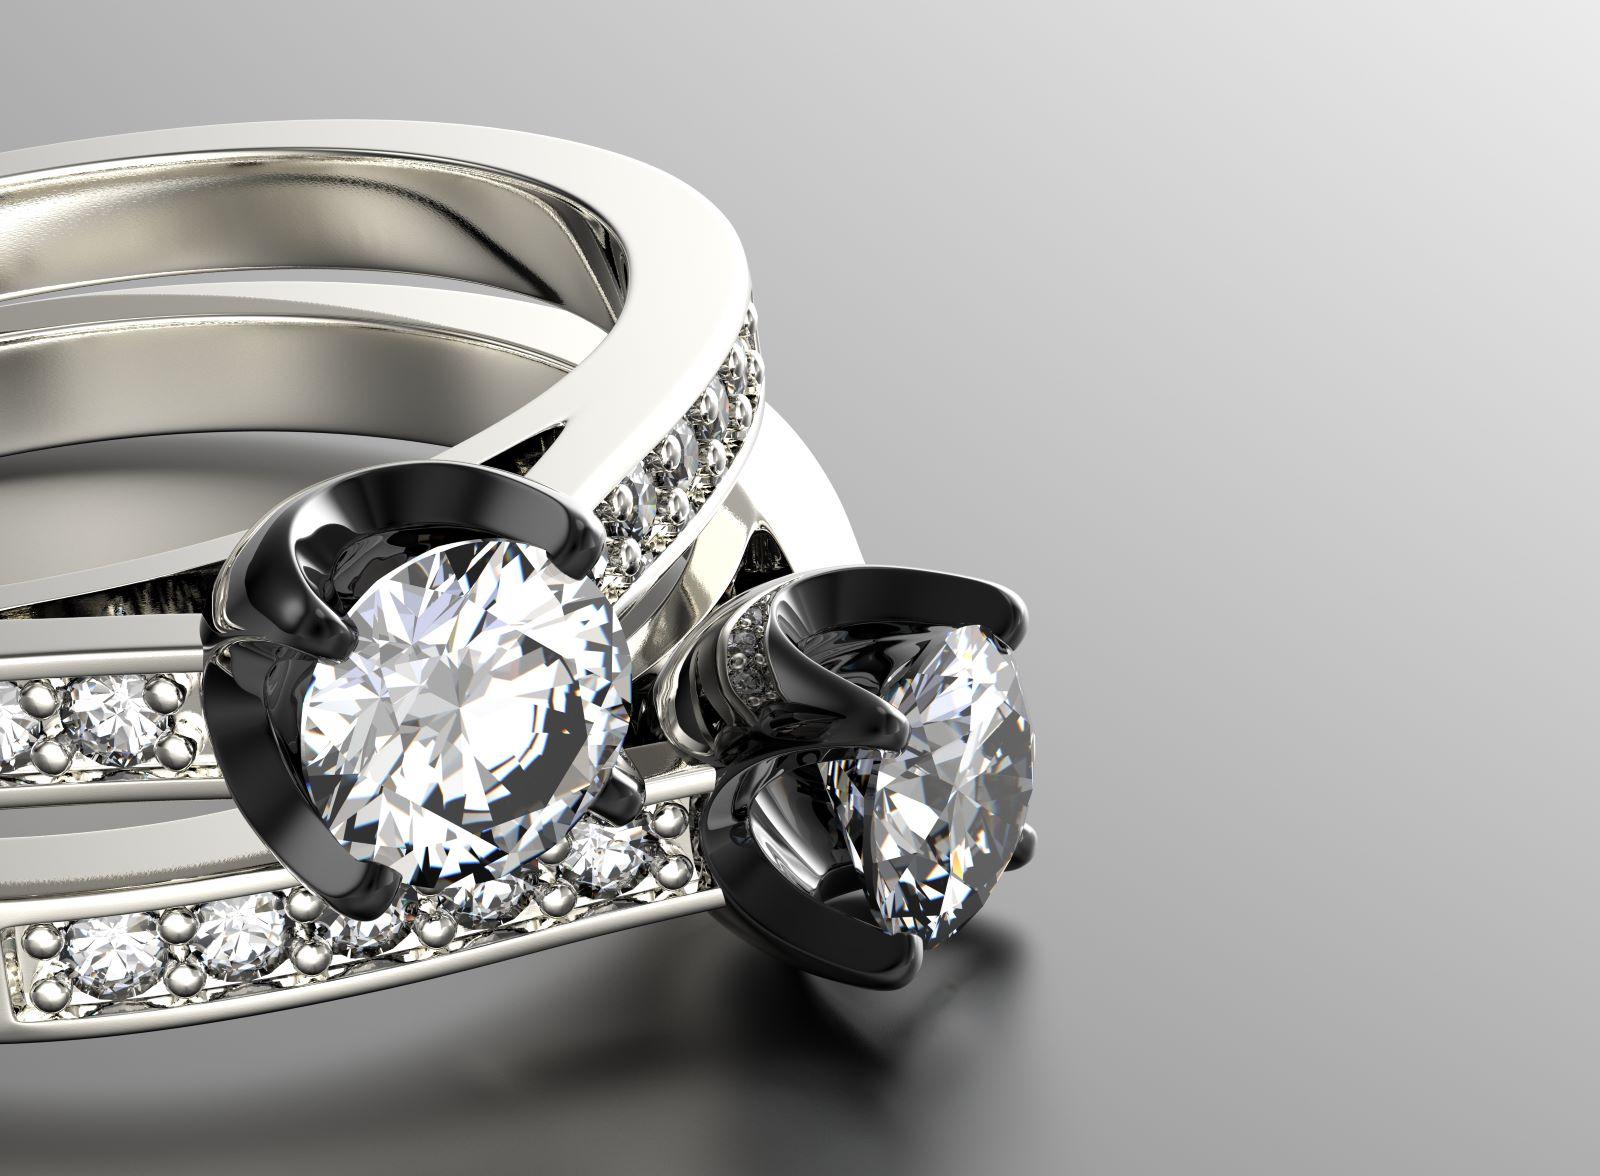 Ringe aus Silber mit Diamanten besetzt